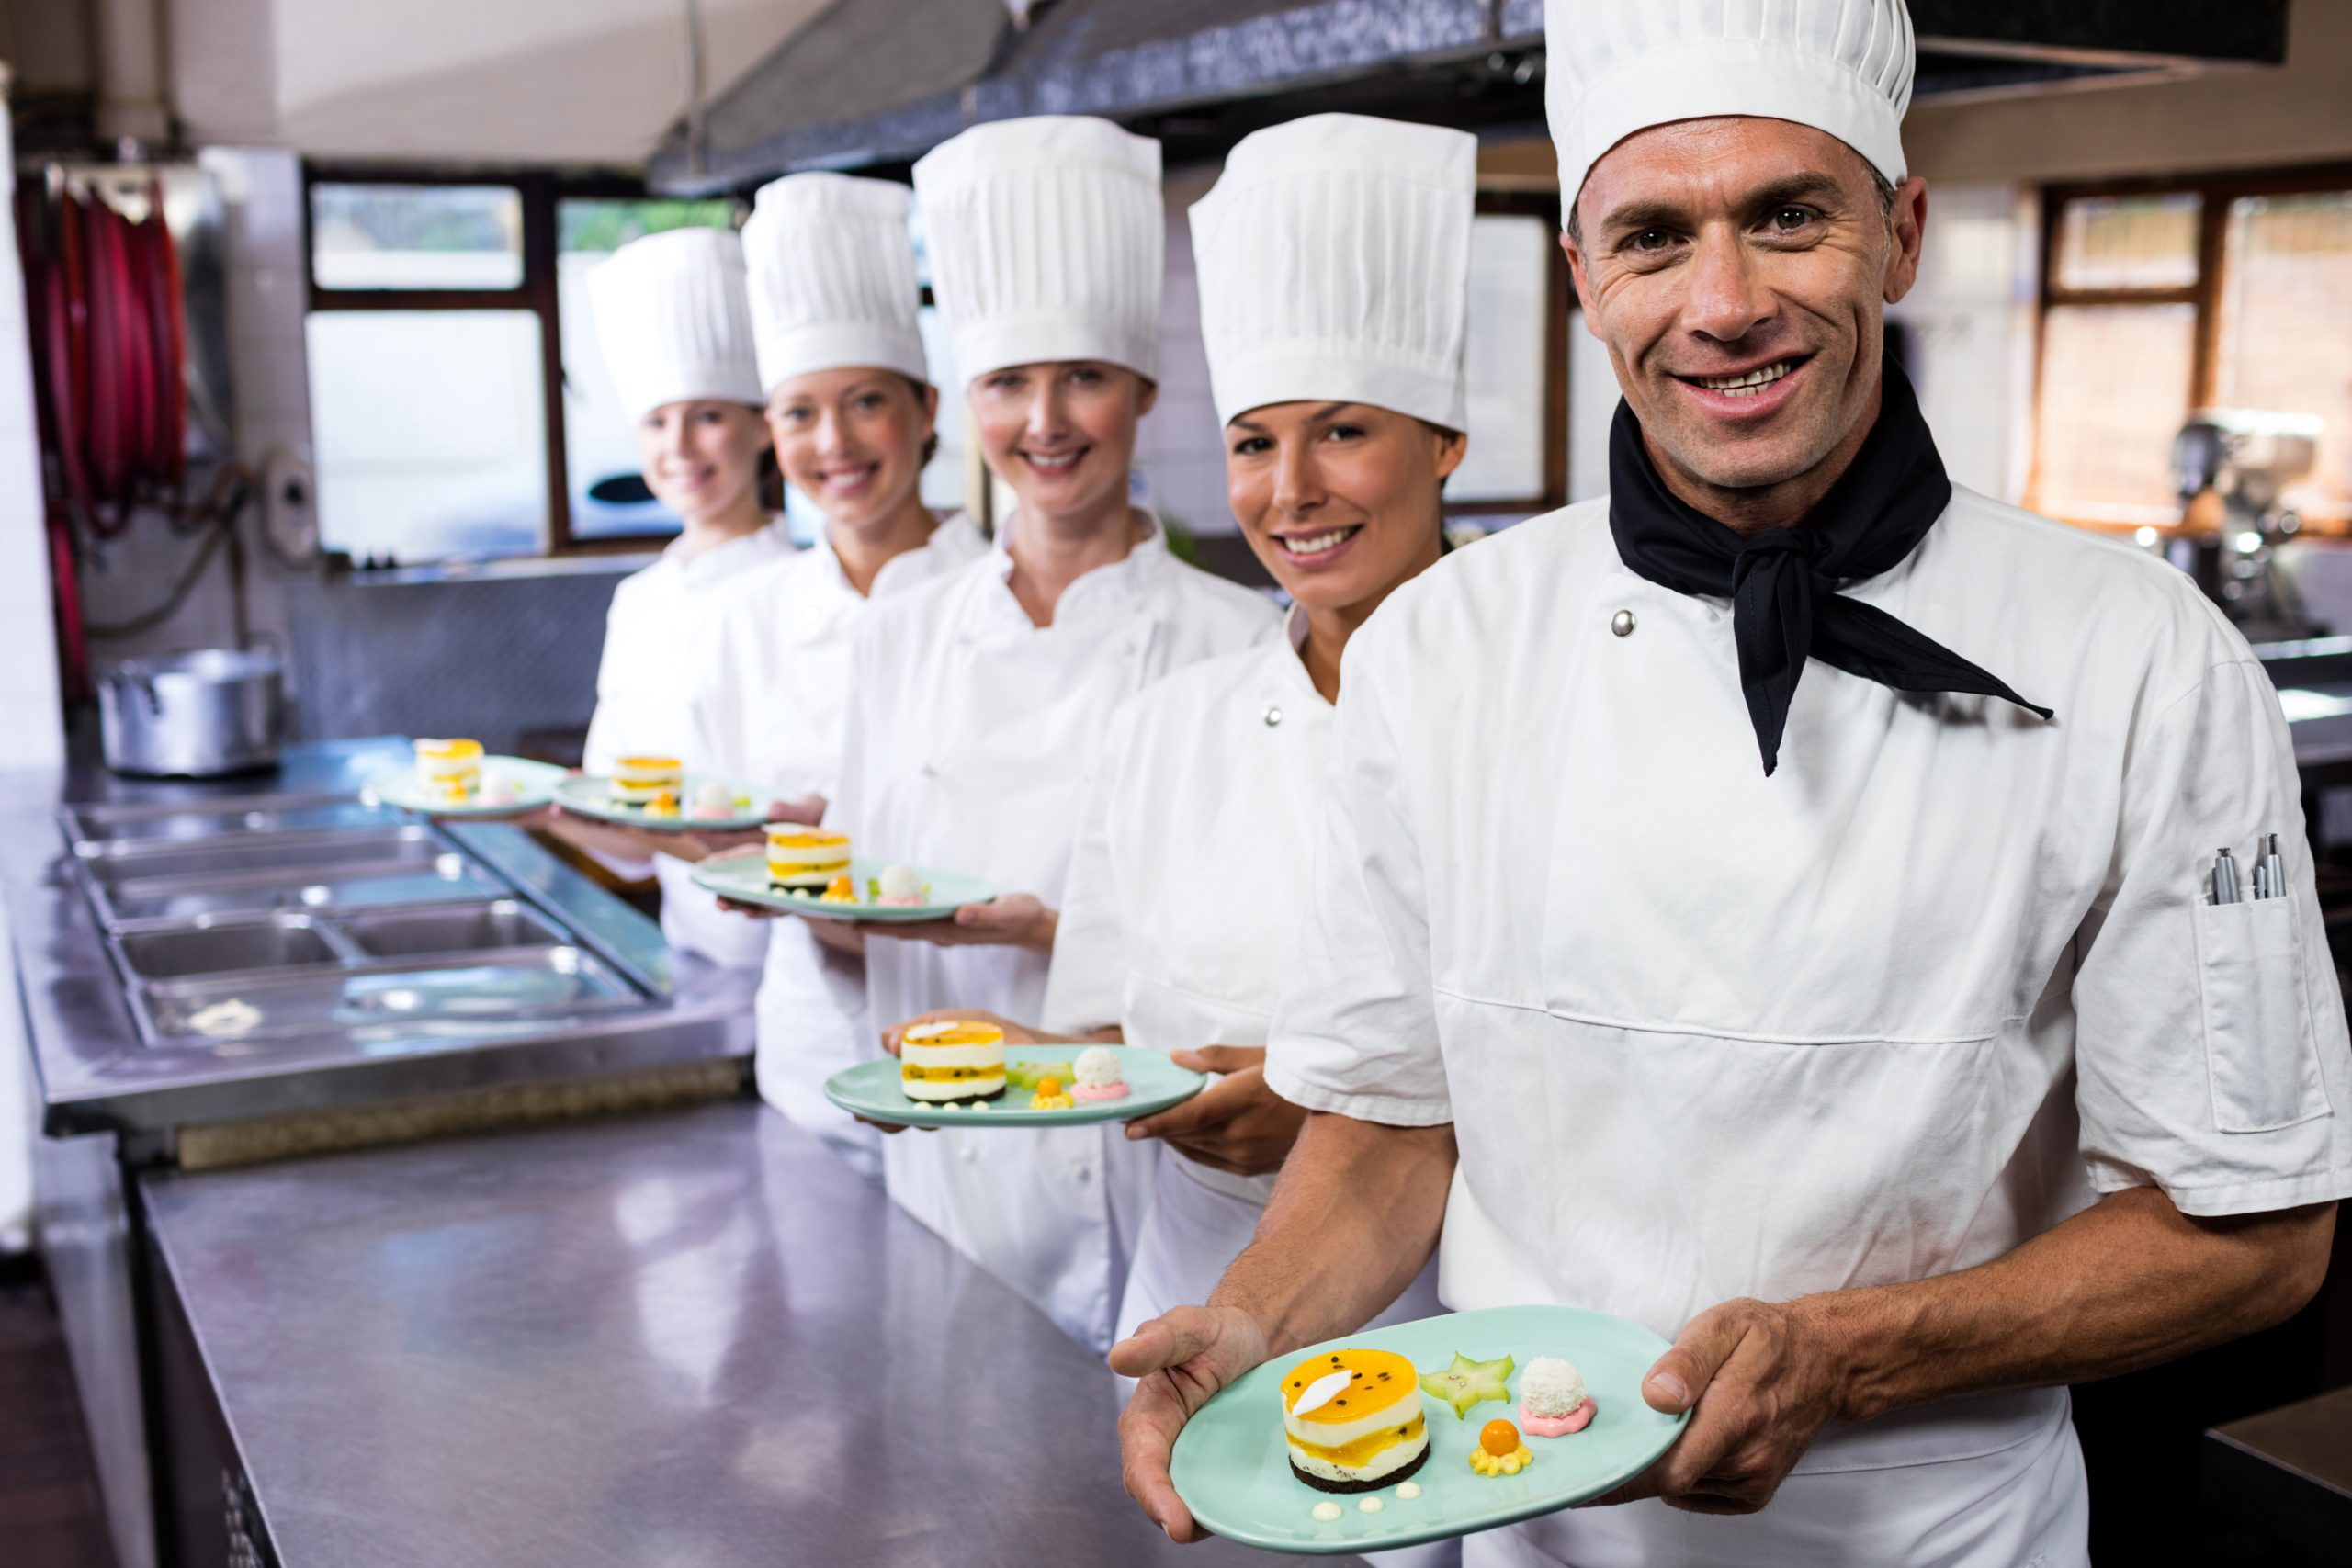 RepUPMag brigata di cucina al lavoro grazie a distinta di base